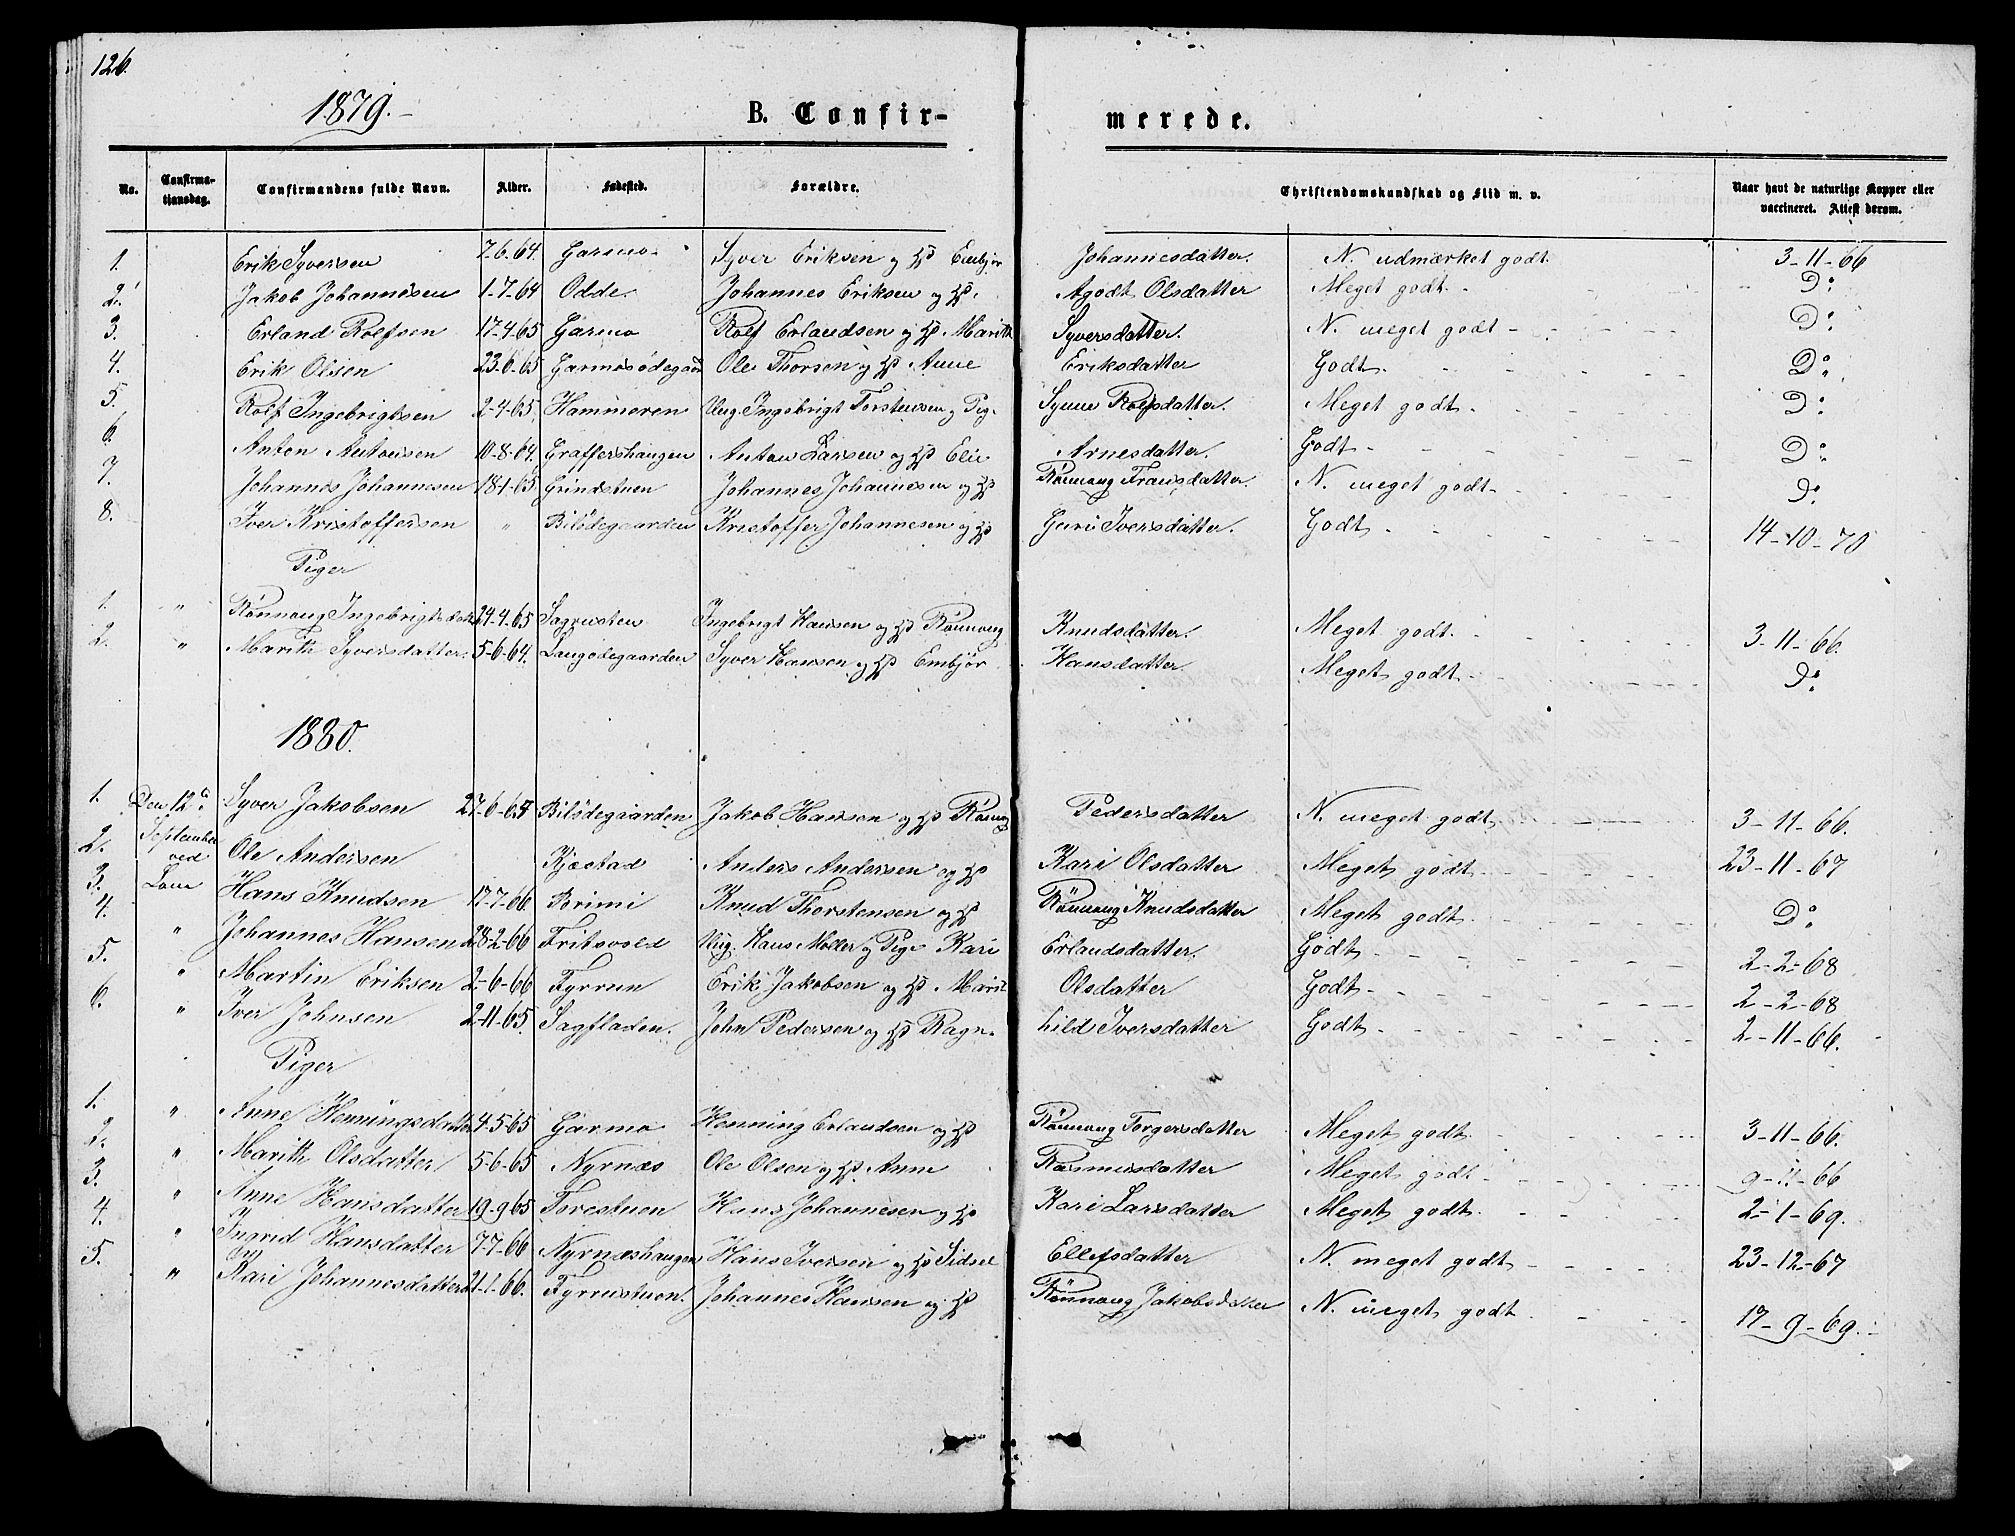 SAH, Lom prestekontor, L/L0005: Klokkerbok nr. 5, 1876-1901, s. 126-127